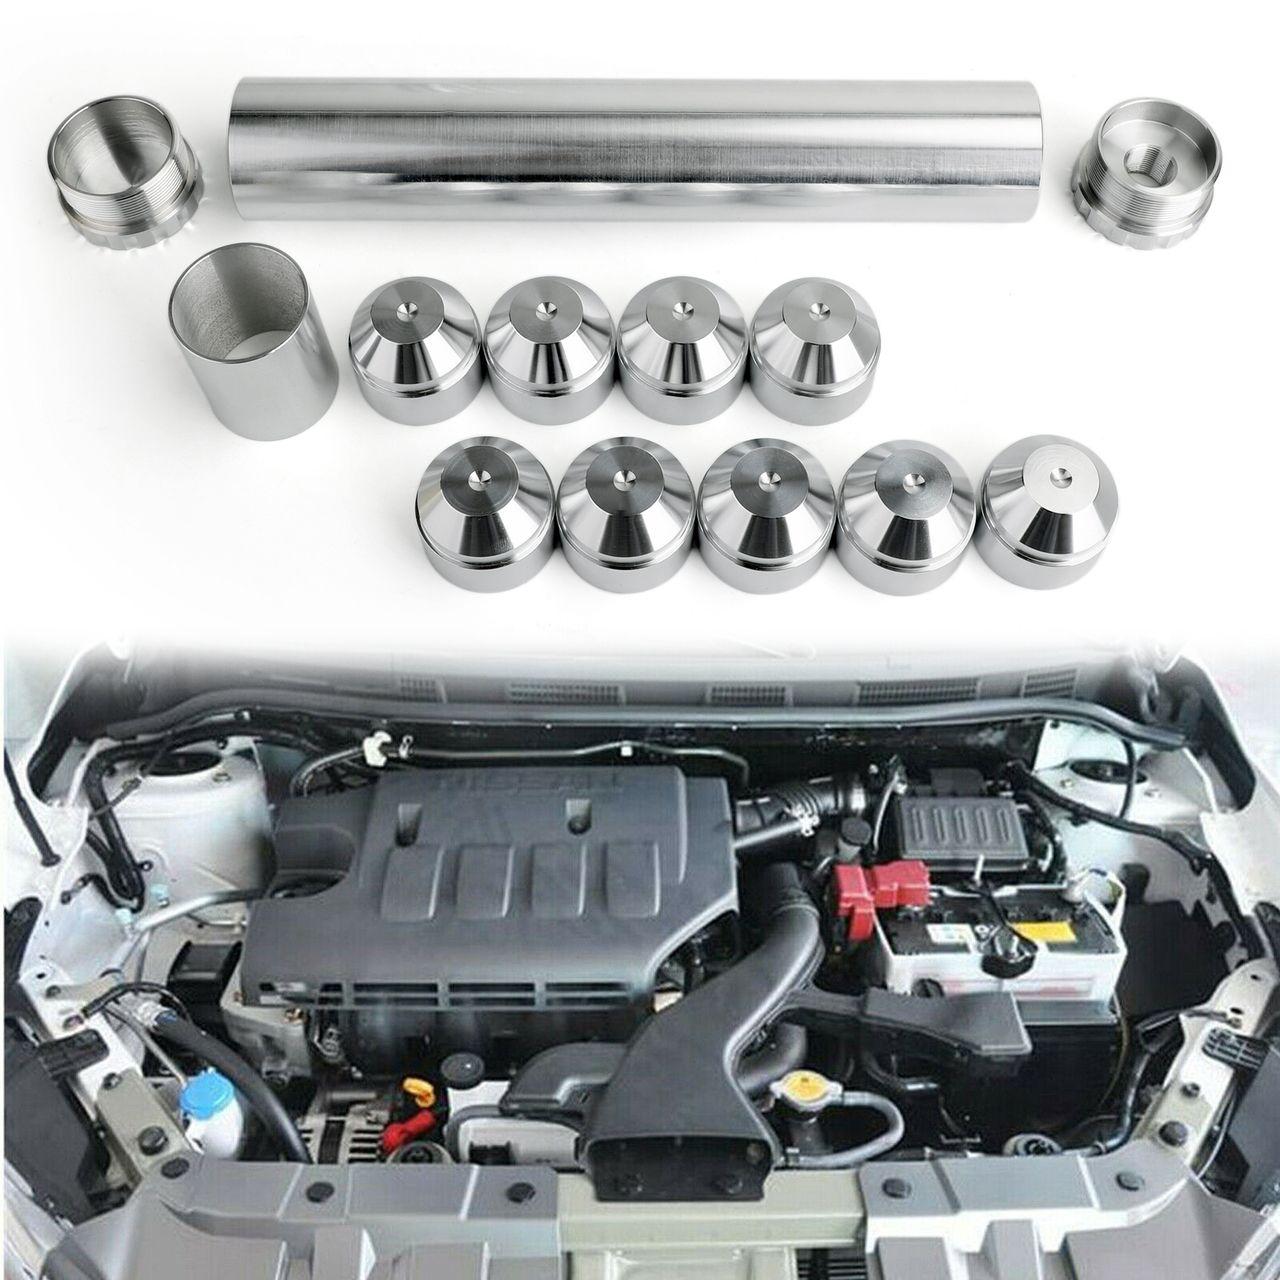 5/8x24 Aluminum FUEL FILTER 13/4X10 NAPA 4003 WIX 24003